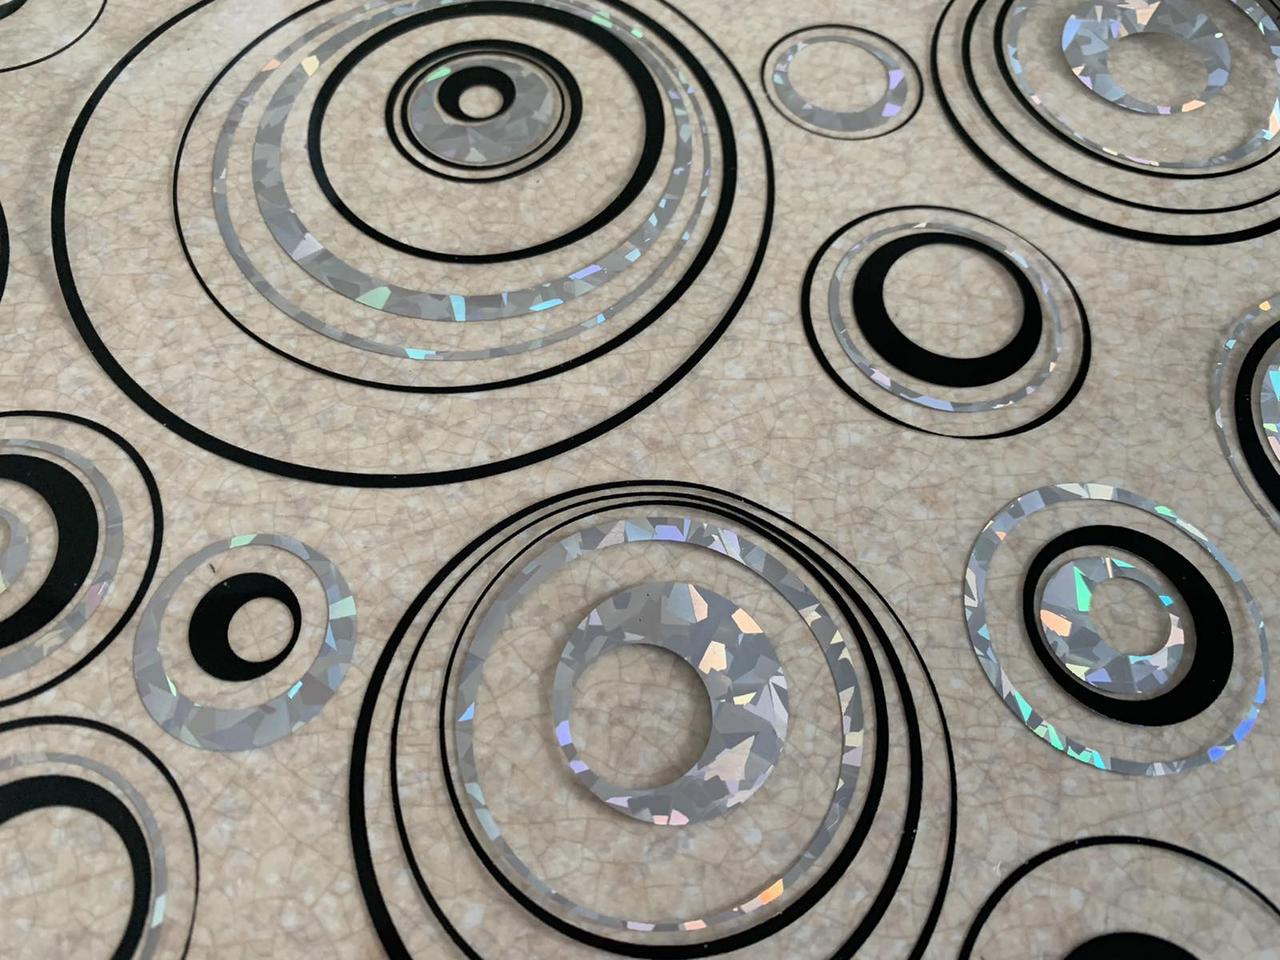 Скатертина м'яке скло Soft Glass з лазерним малюнком 2.2х0.8м (товщина 1.5 мм) Сріблясто-чорні кола